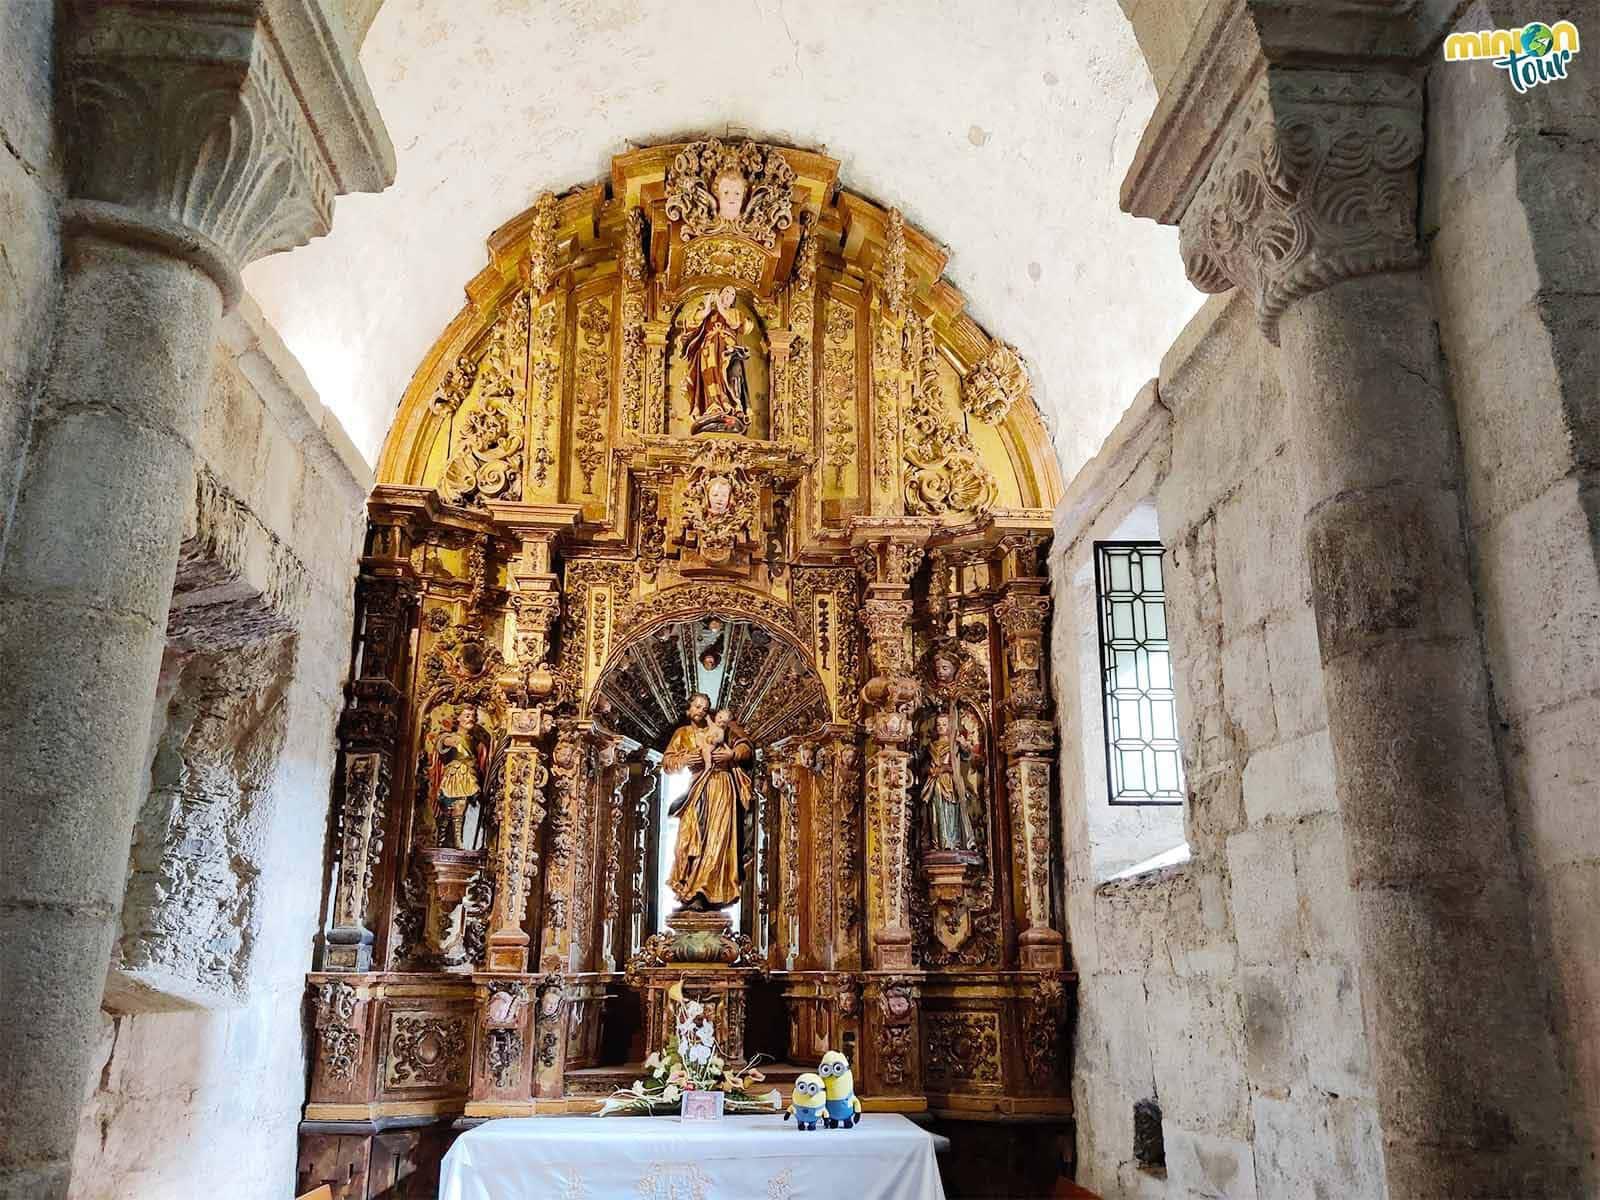 Saludando a San José en la Iglesia de Santa María de Meira